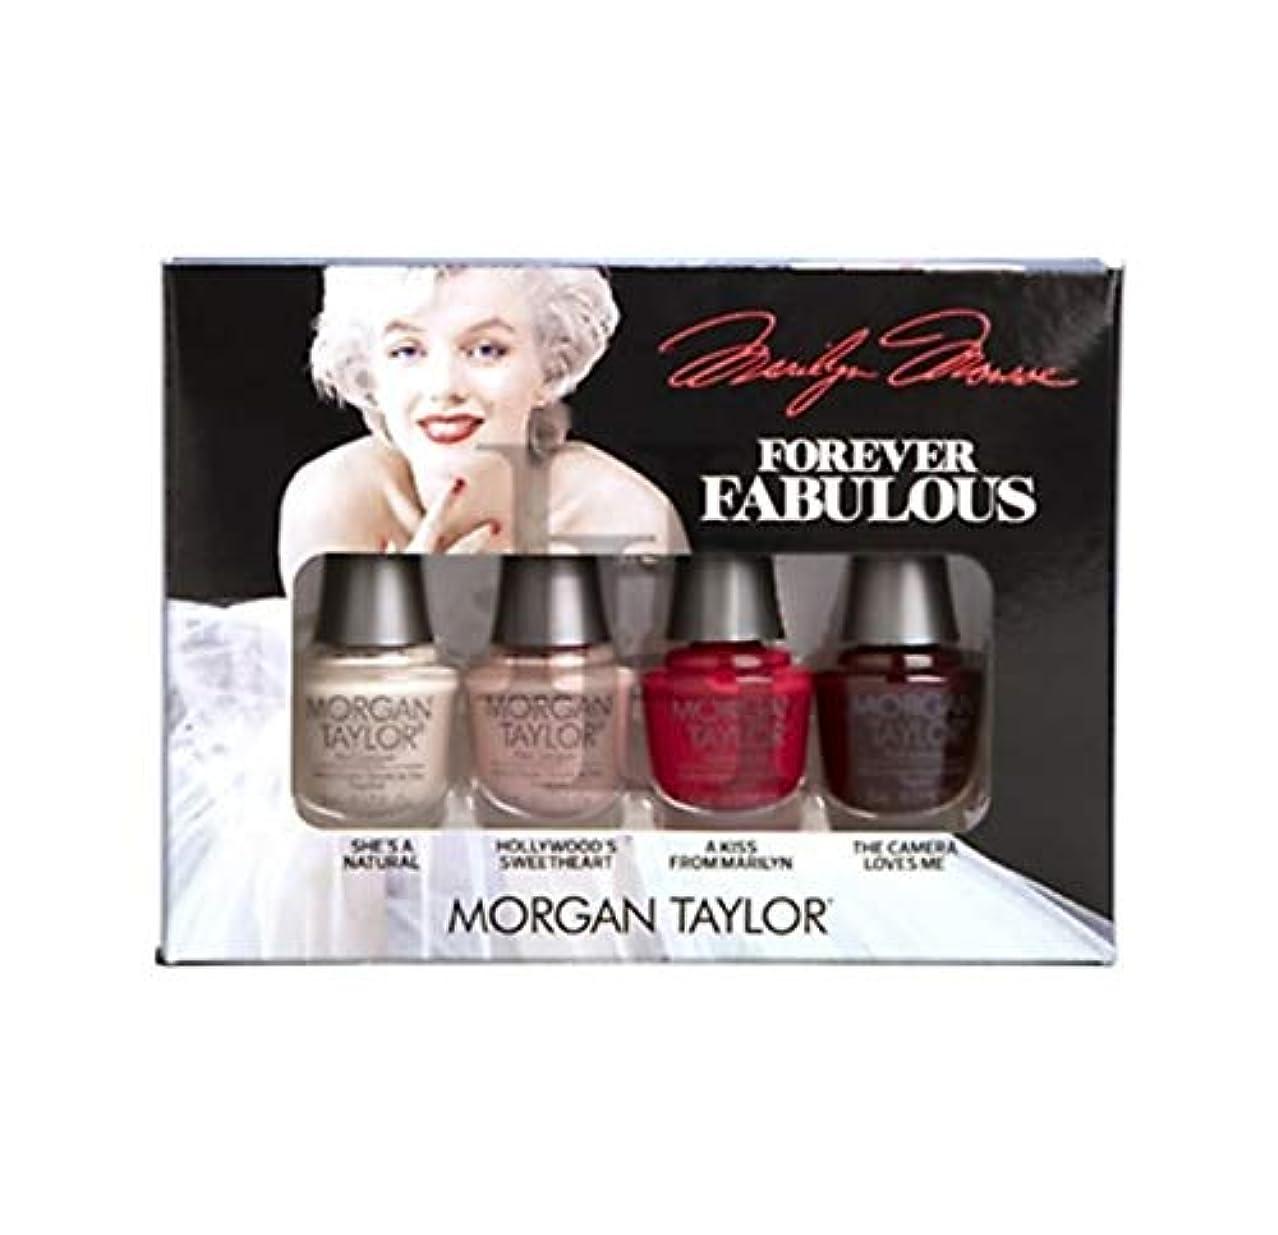 理容室バックグラウンド伝染病Morgan Taylor - Forever Fabulous Marilyn Monroe Mini 4 Pack - 5 mL / 0.17 oz